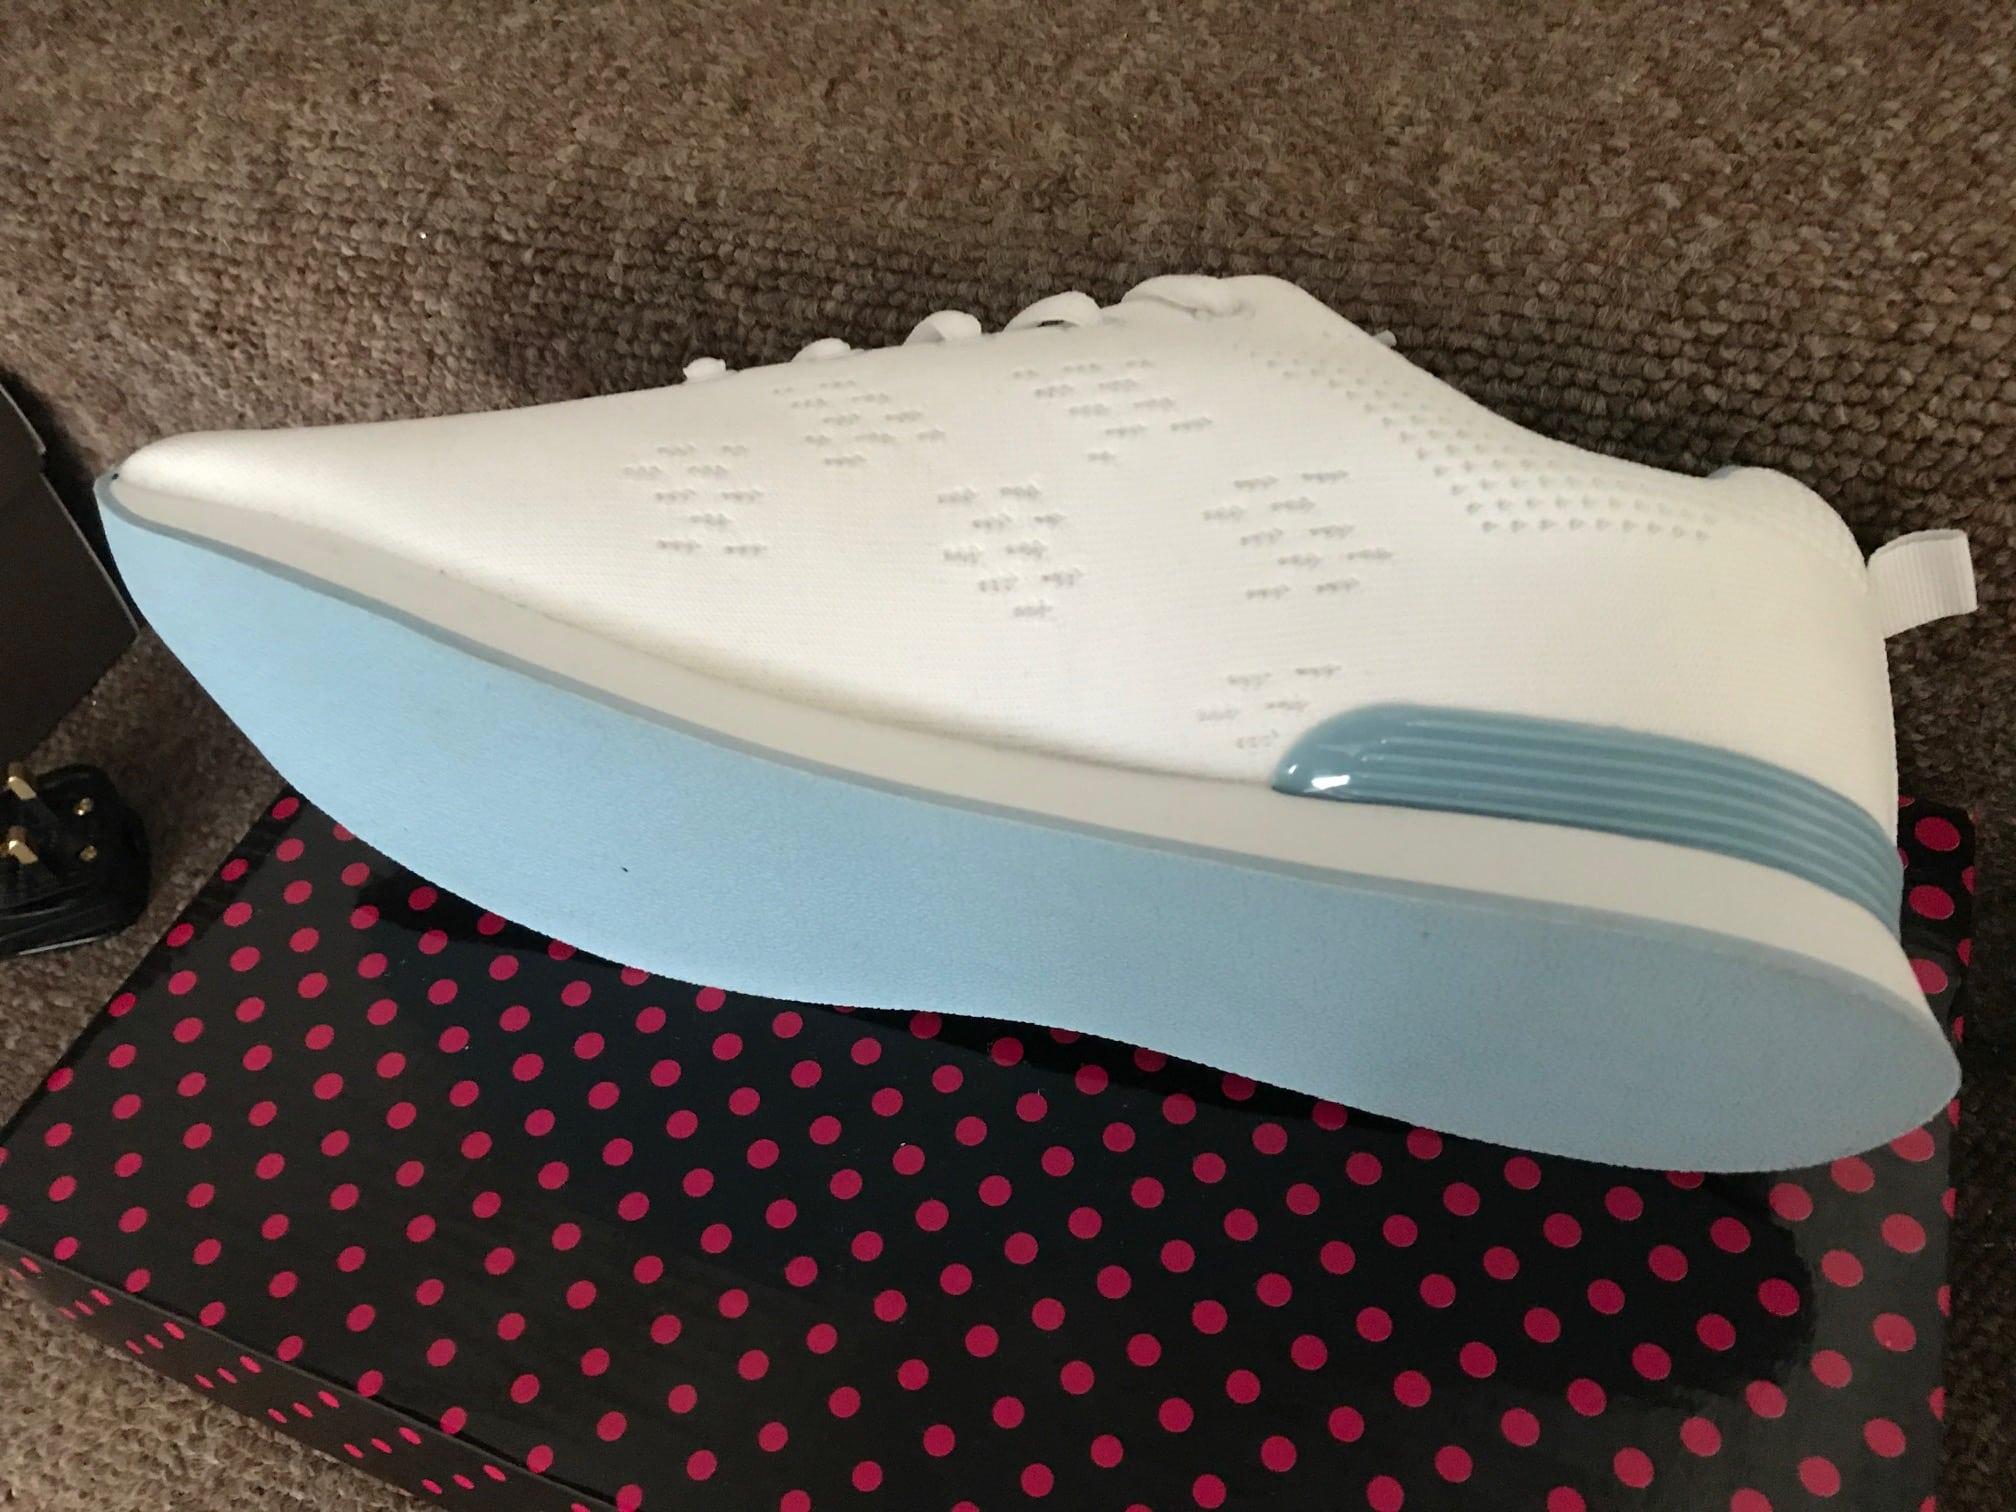 Target Lightweight Bowls Shoe